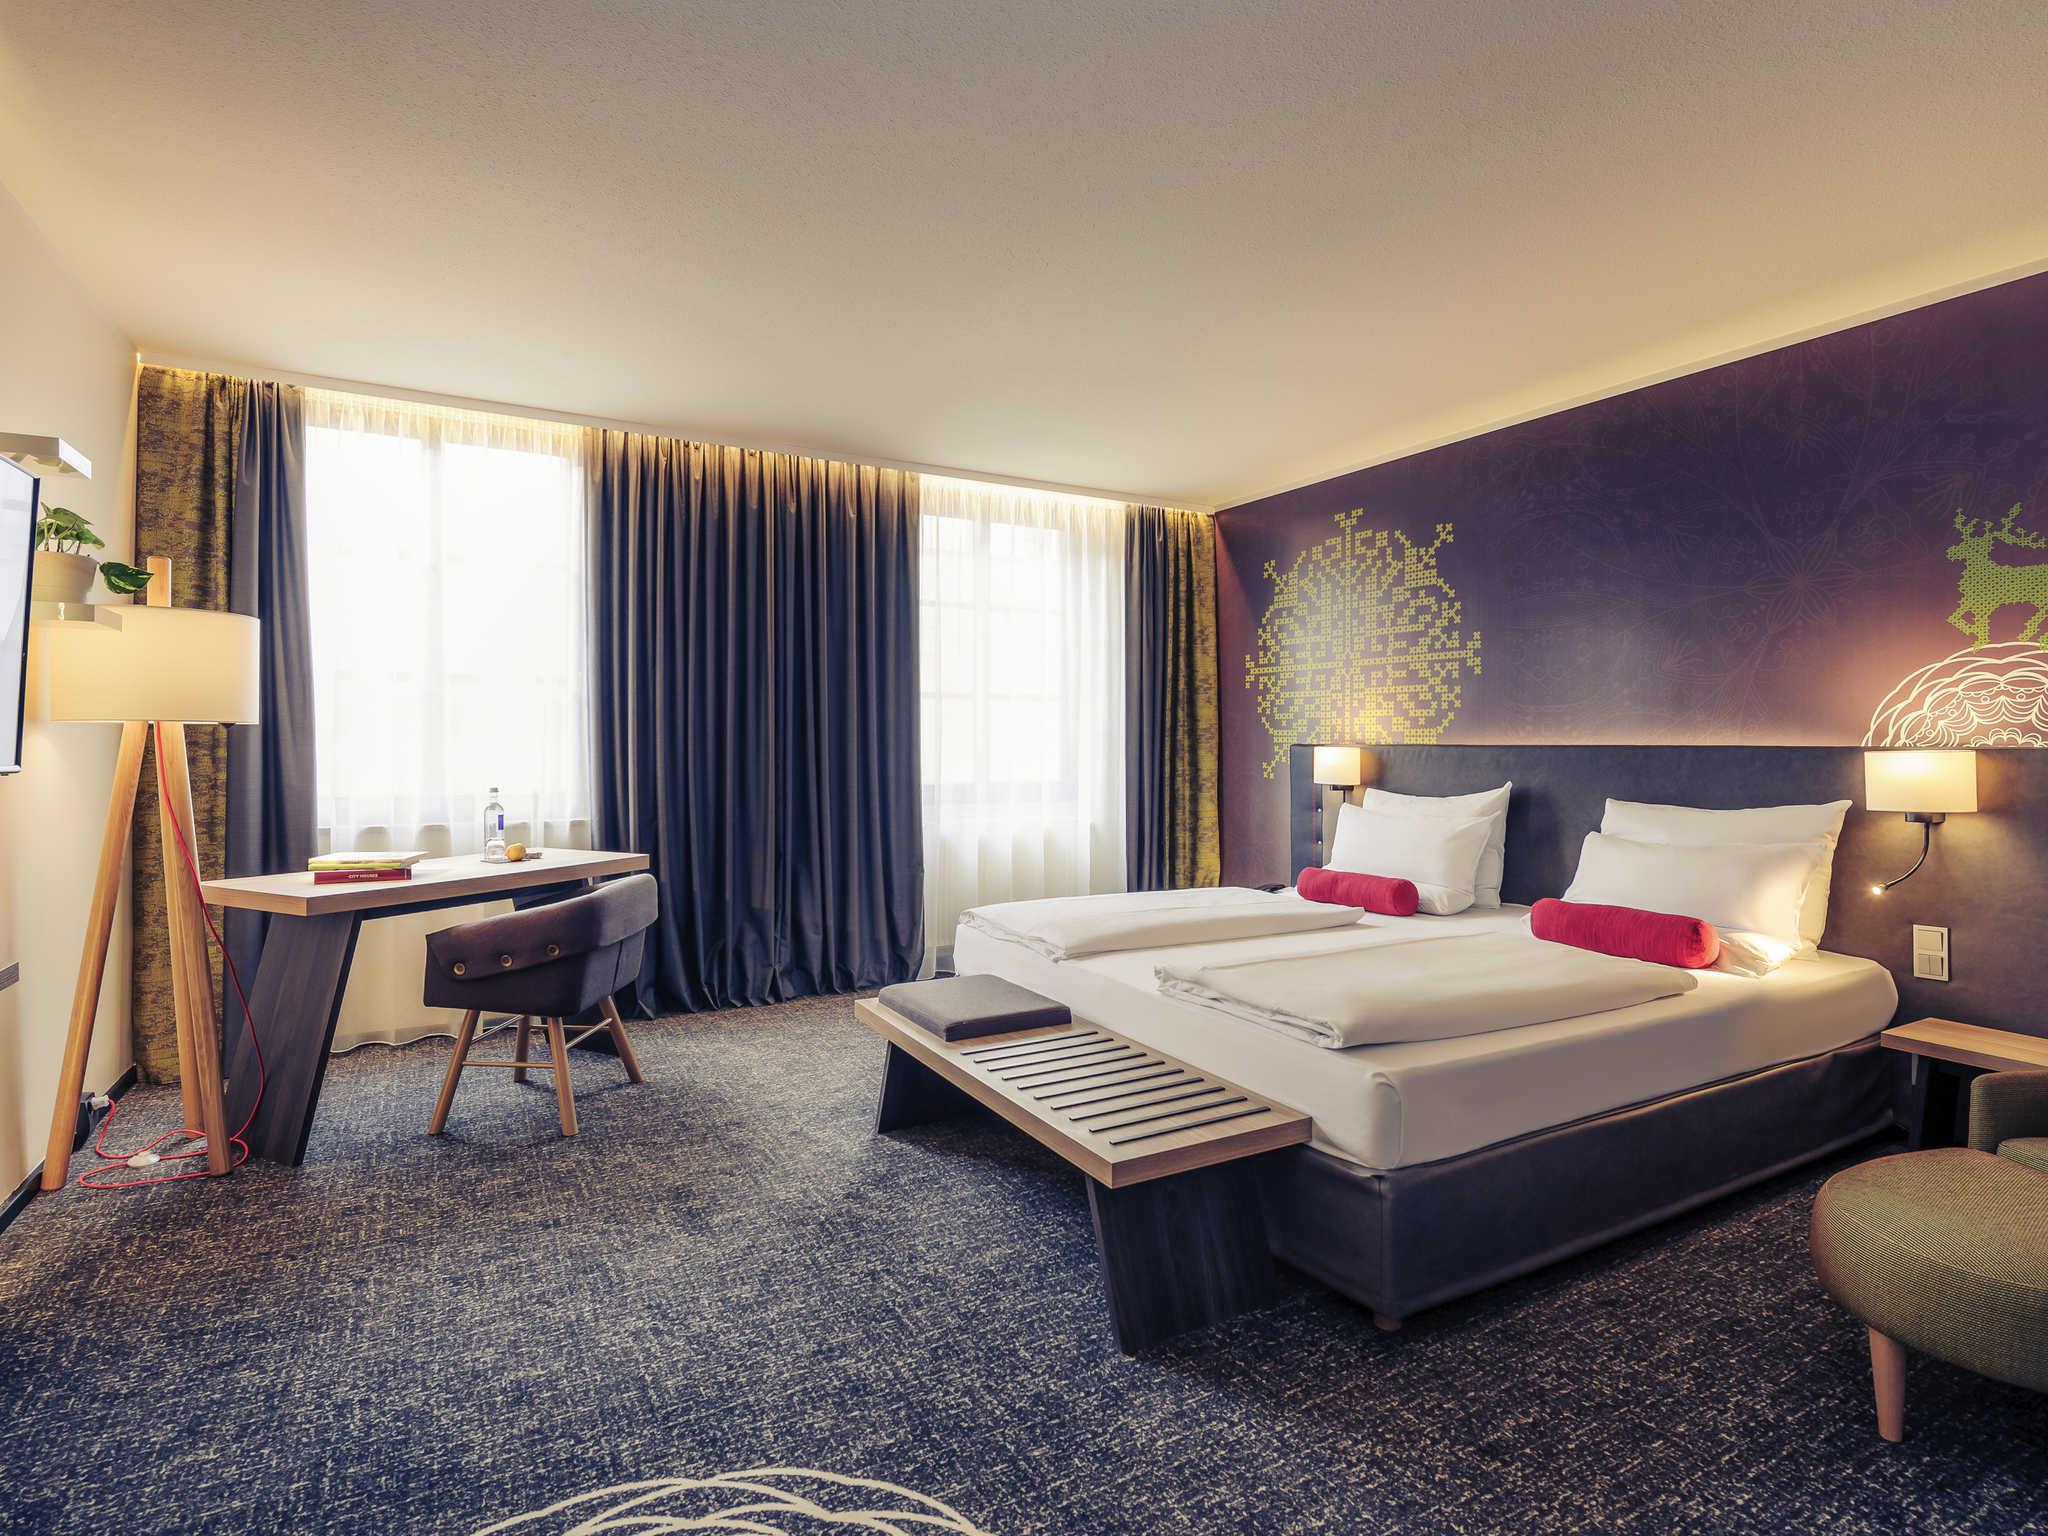 โรงแรม – โรงแรมเมอร์เคียว มิวนิก ซิตี้เซ็นเตอร์